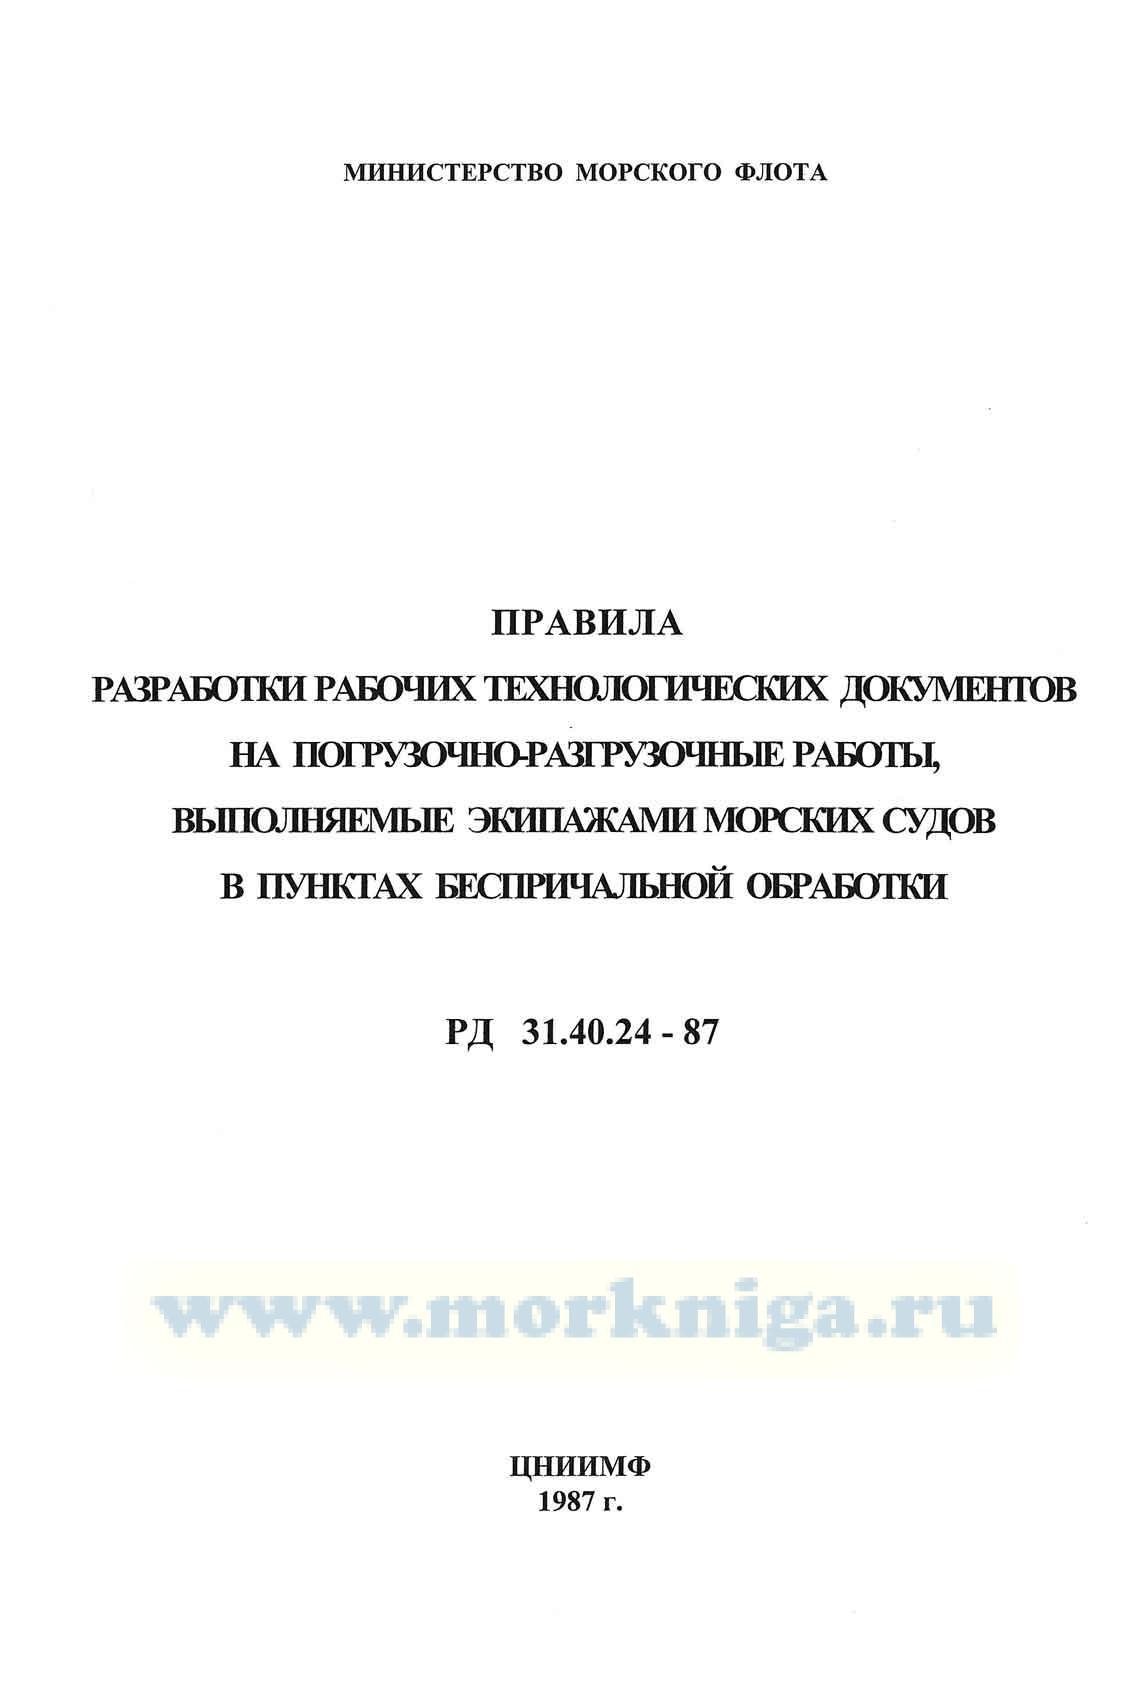 РД 31.40.24-87. Правила разработки рабочих технологических документов на погрузочно-разгрузочные работы, выполняемые экипажами морских судов в пунктах беспричальной обработки